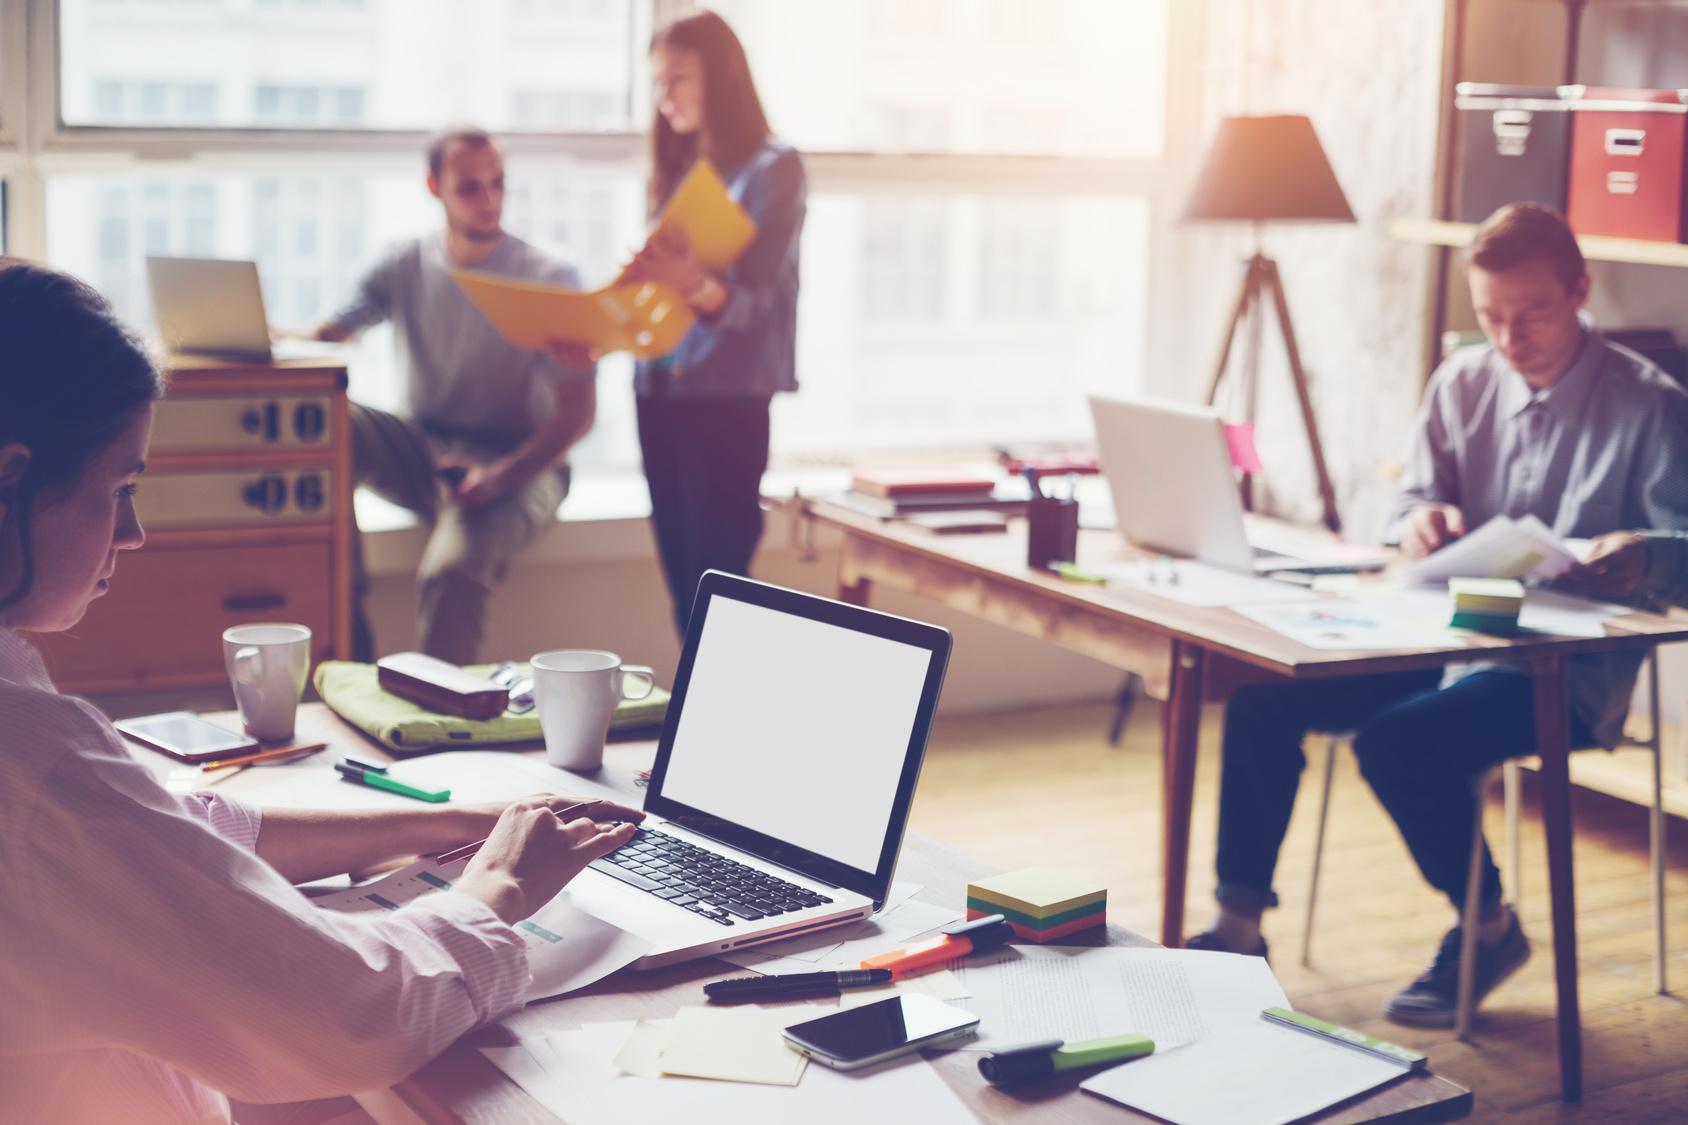 Workshop +Indústria 2020 - Da ideia ao mercado – Como proteger a sua inovação e valorizar face a investidores, parceiros e concorrentes?